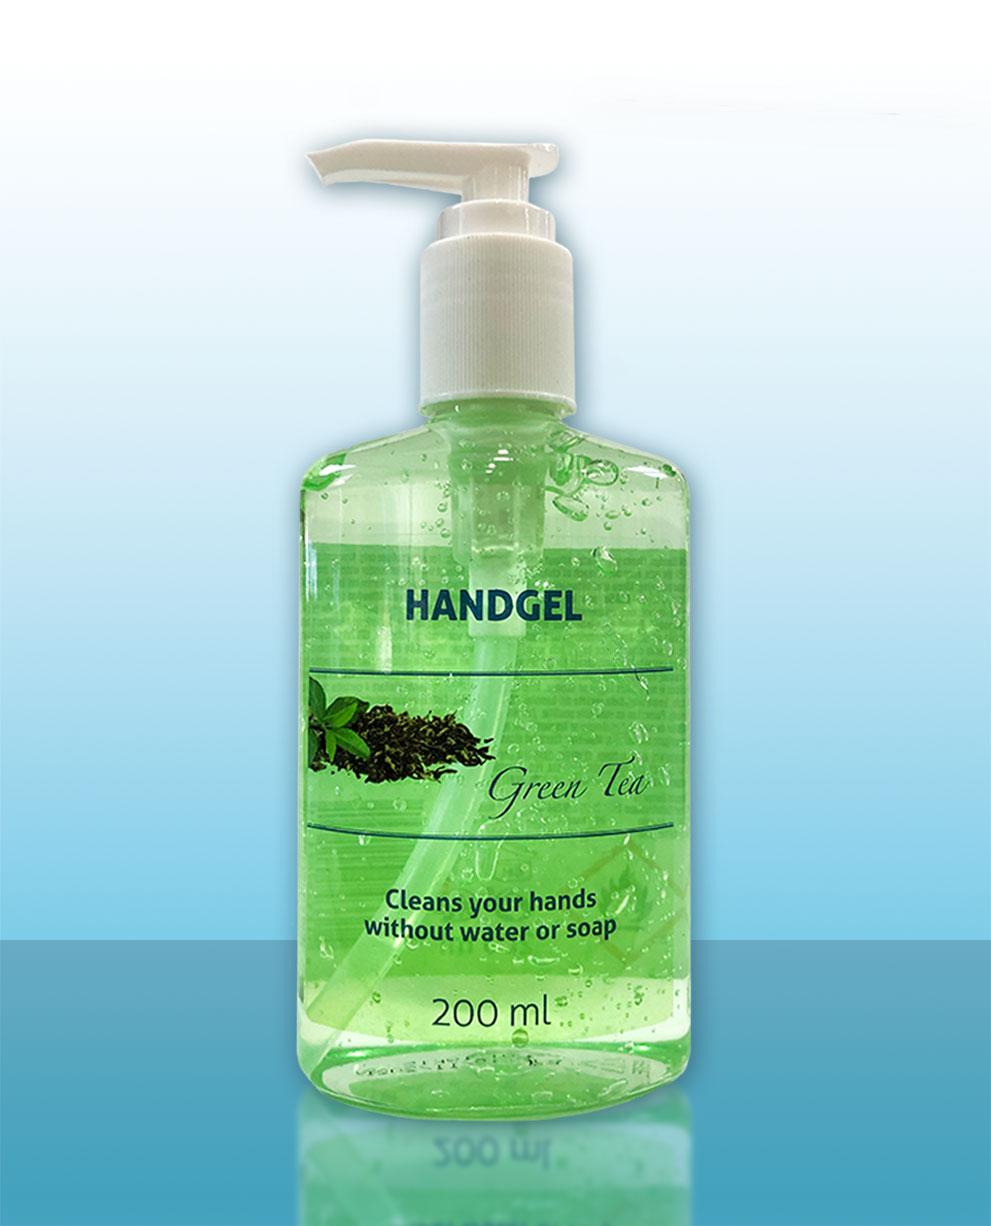 Handgel-greentea-200ml-bakingsoda-nl